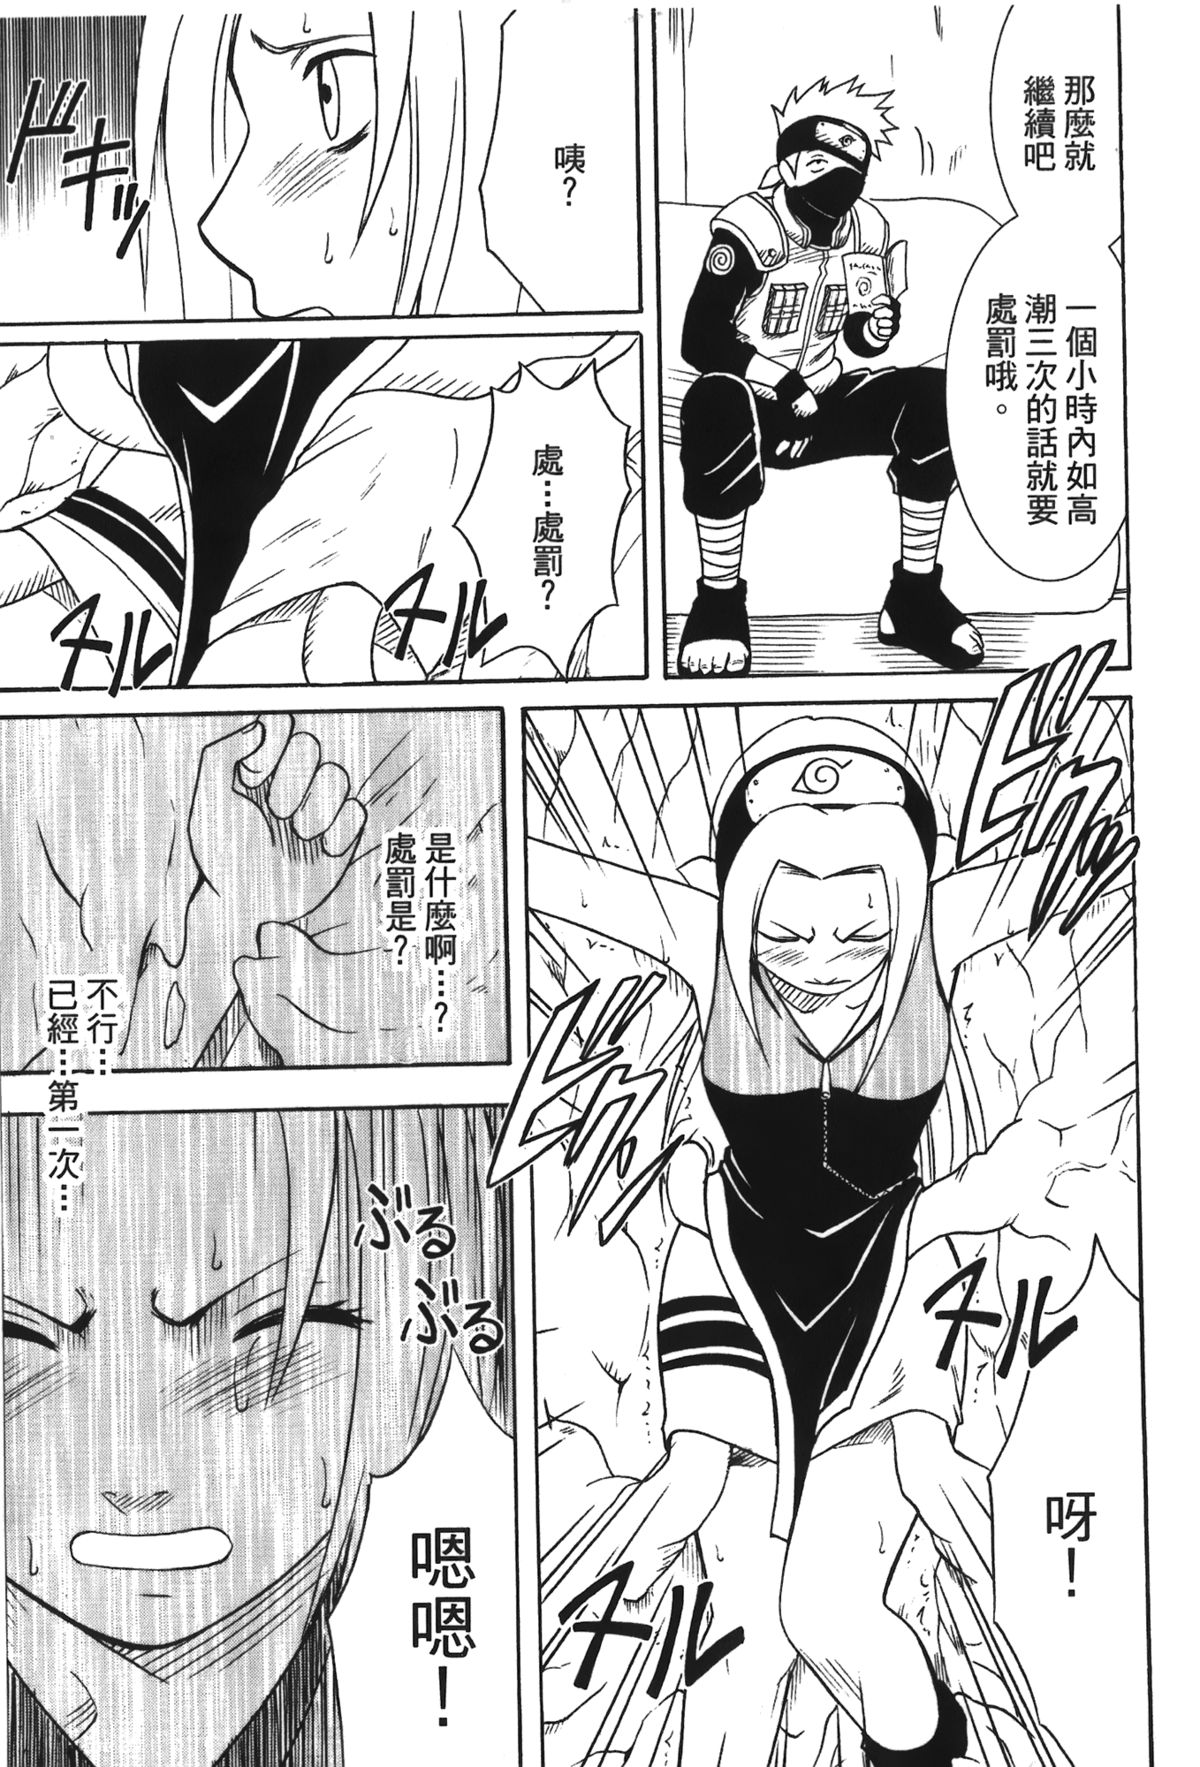 火影忍传第叁卷02